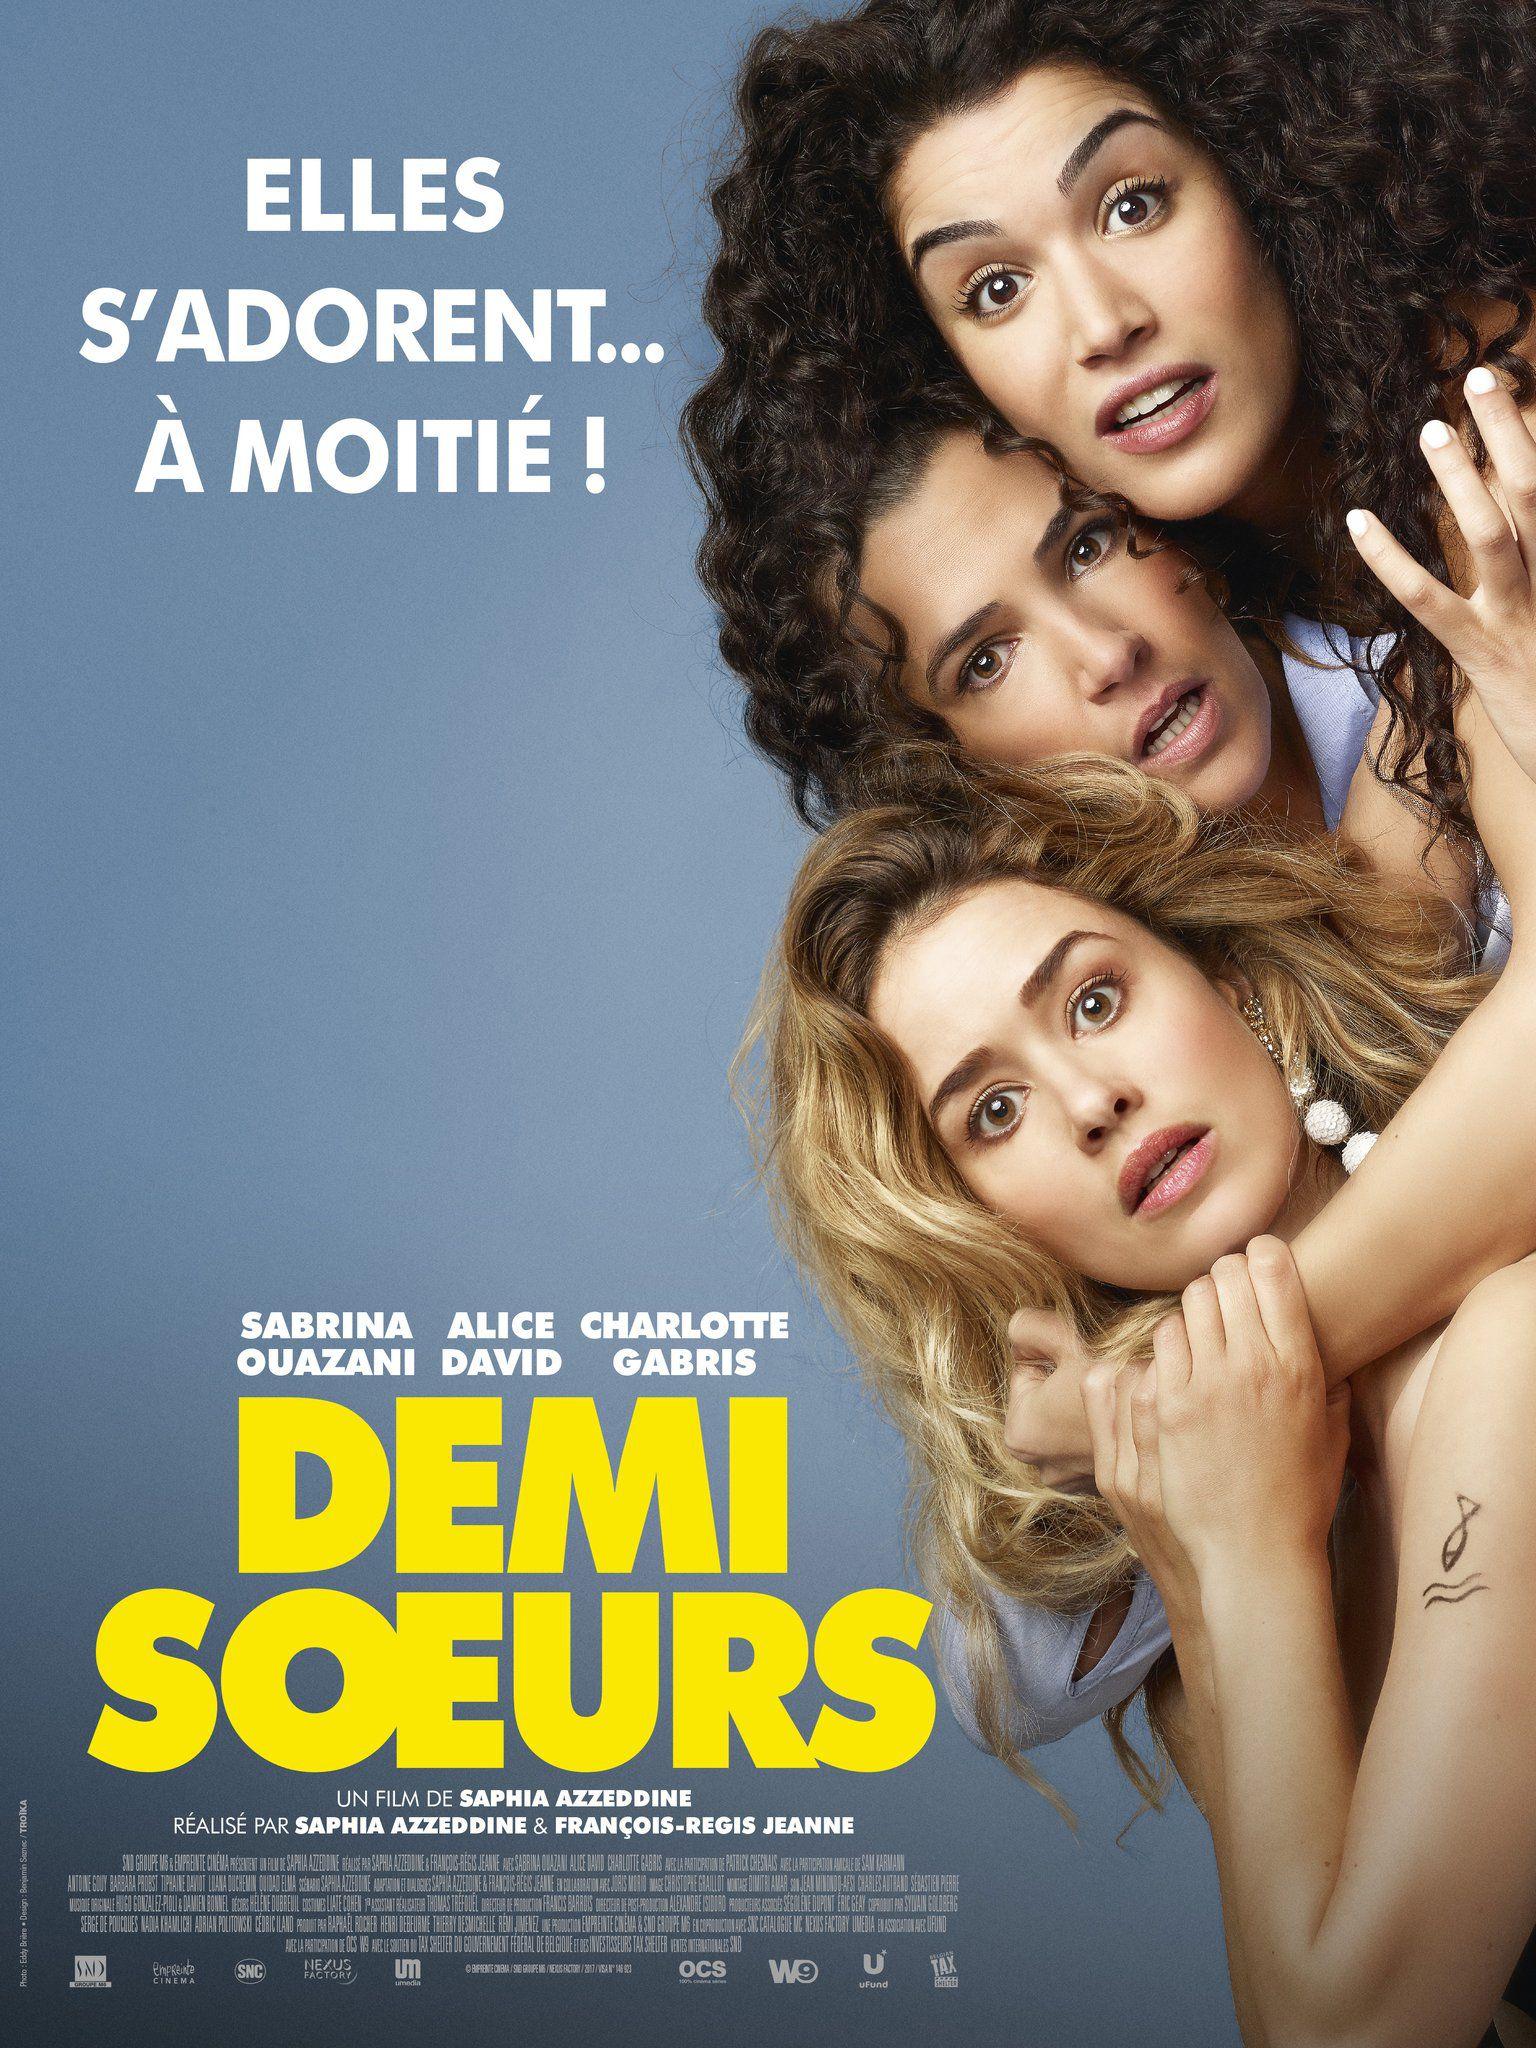 Demi-sœurs - Film (2018)